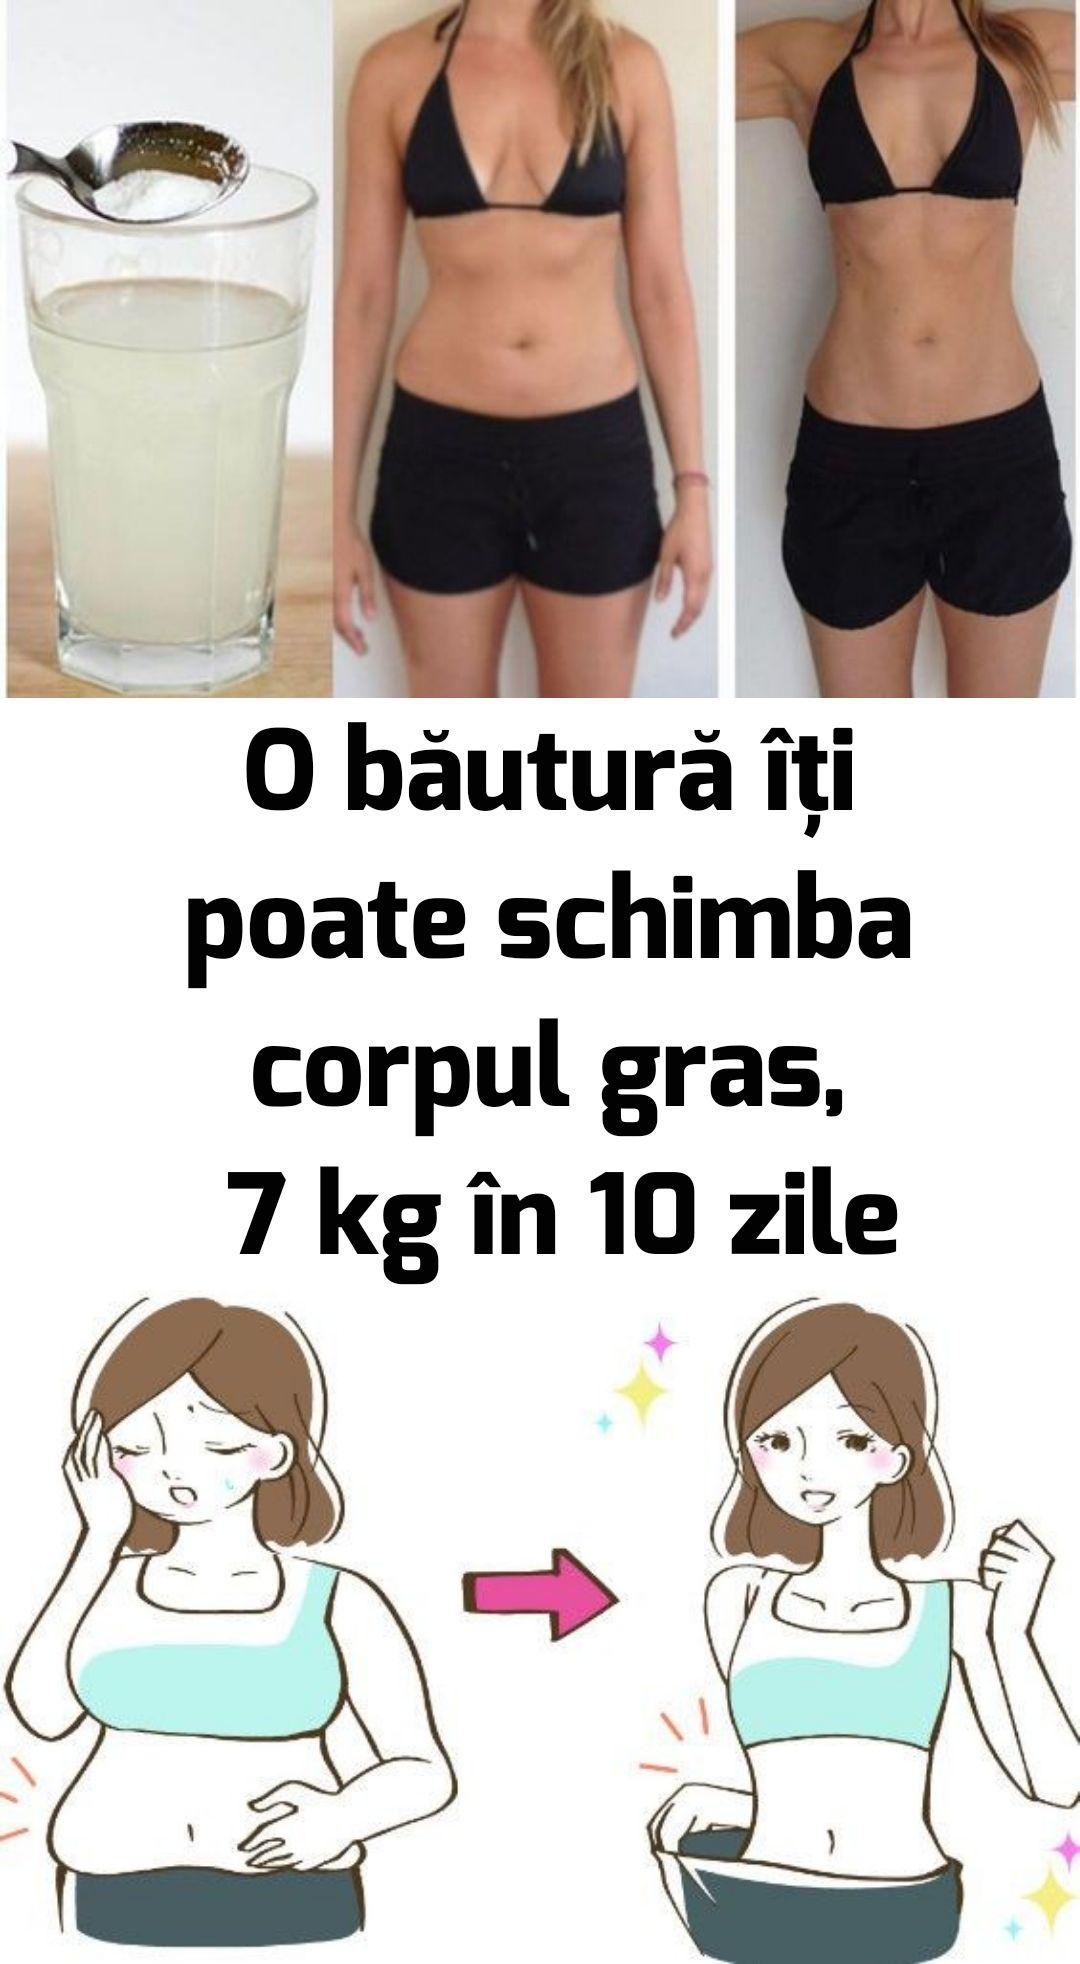 30 qo pierdere în greutate